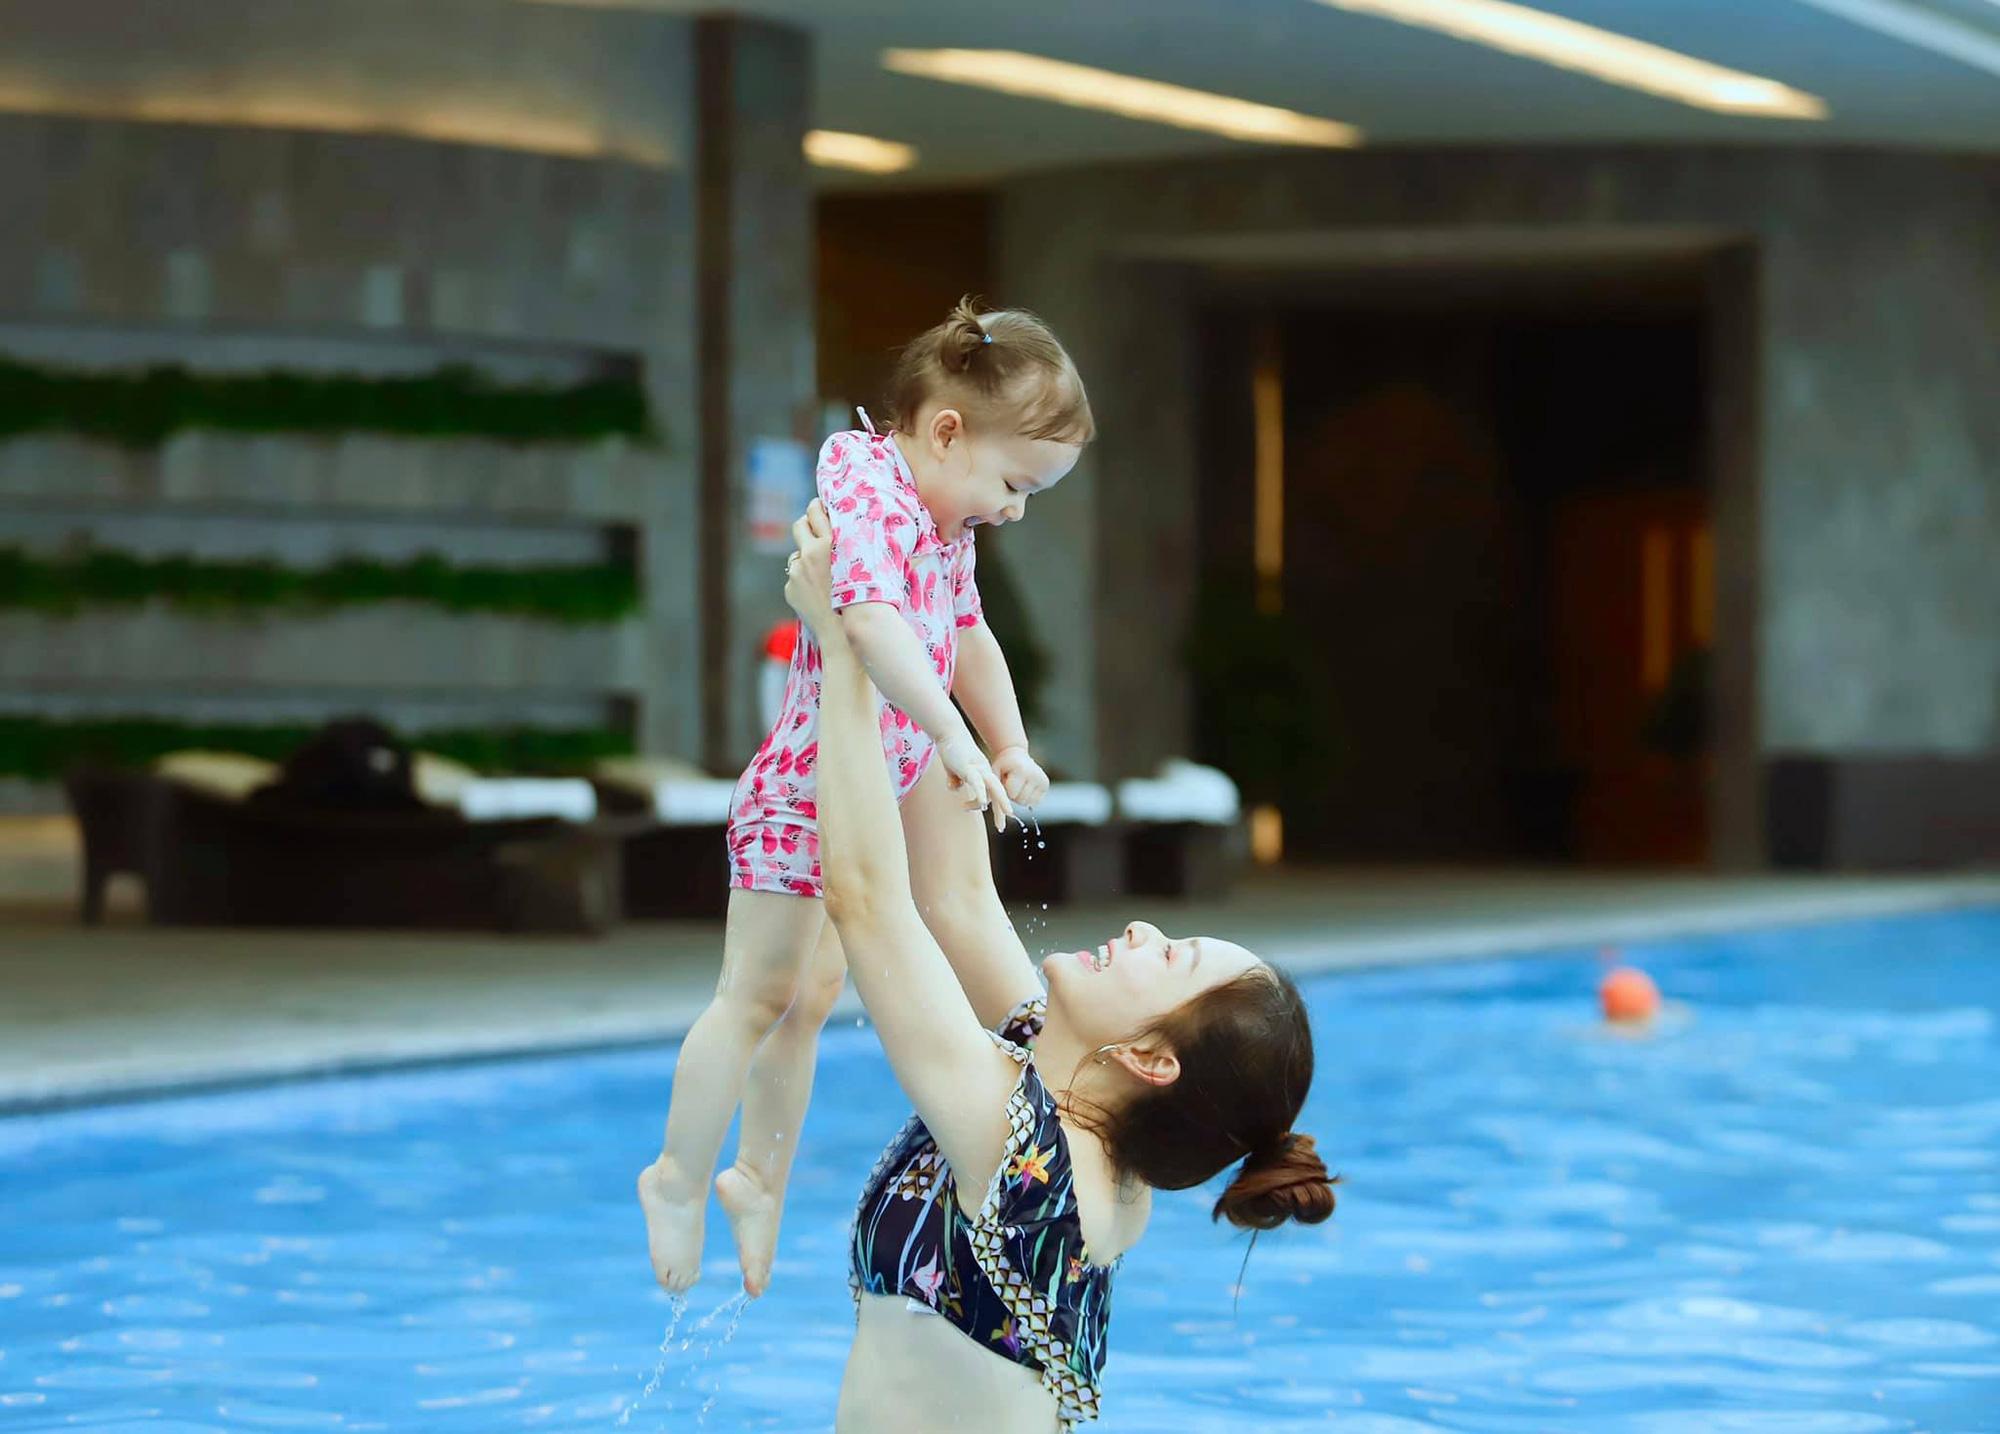 Nhiều người kêu ầm lên khi biết Lan Phương đưa con đi chơi mùa dịch, nữ diễn viên tuôn một tràng khiến ai nấy im re - Ảnh 1.